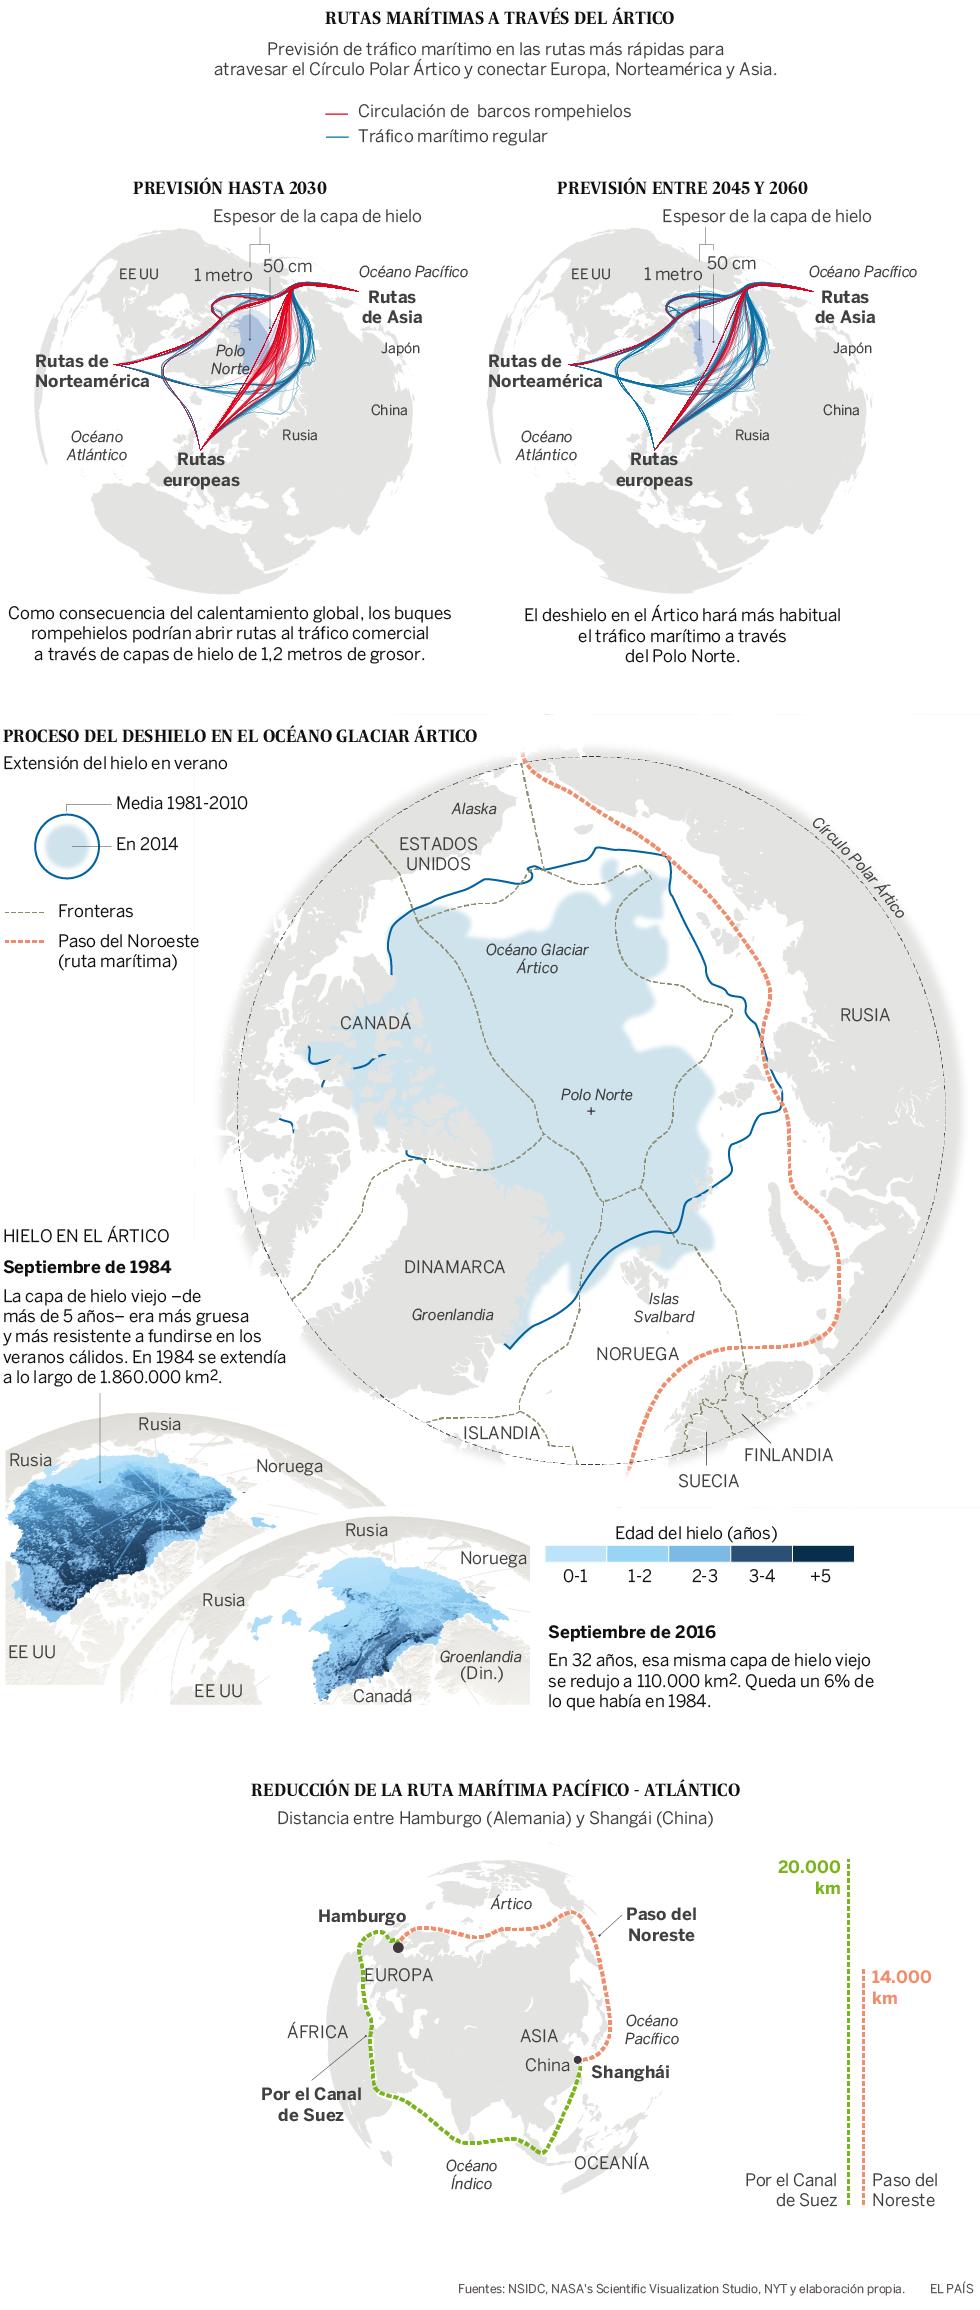 Ártico: La batalla por los recursos (petróleo, paso del noreste...). Noruega, Rusia, EEUU, Canadá, Dinamarca. - Página 2 14944310